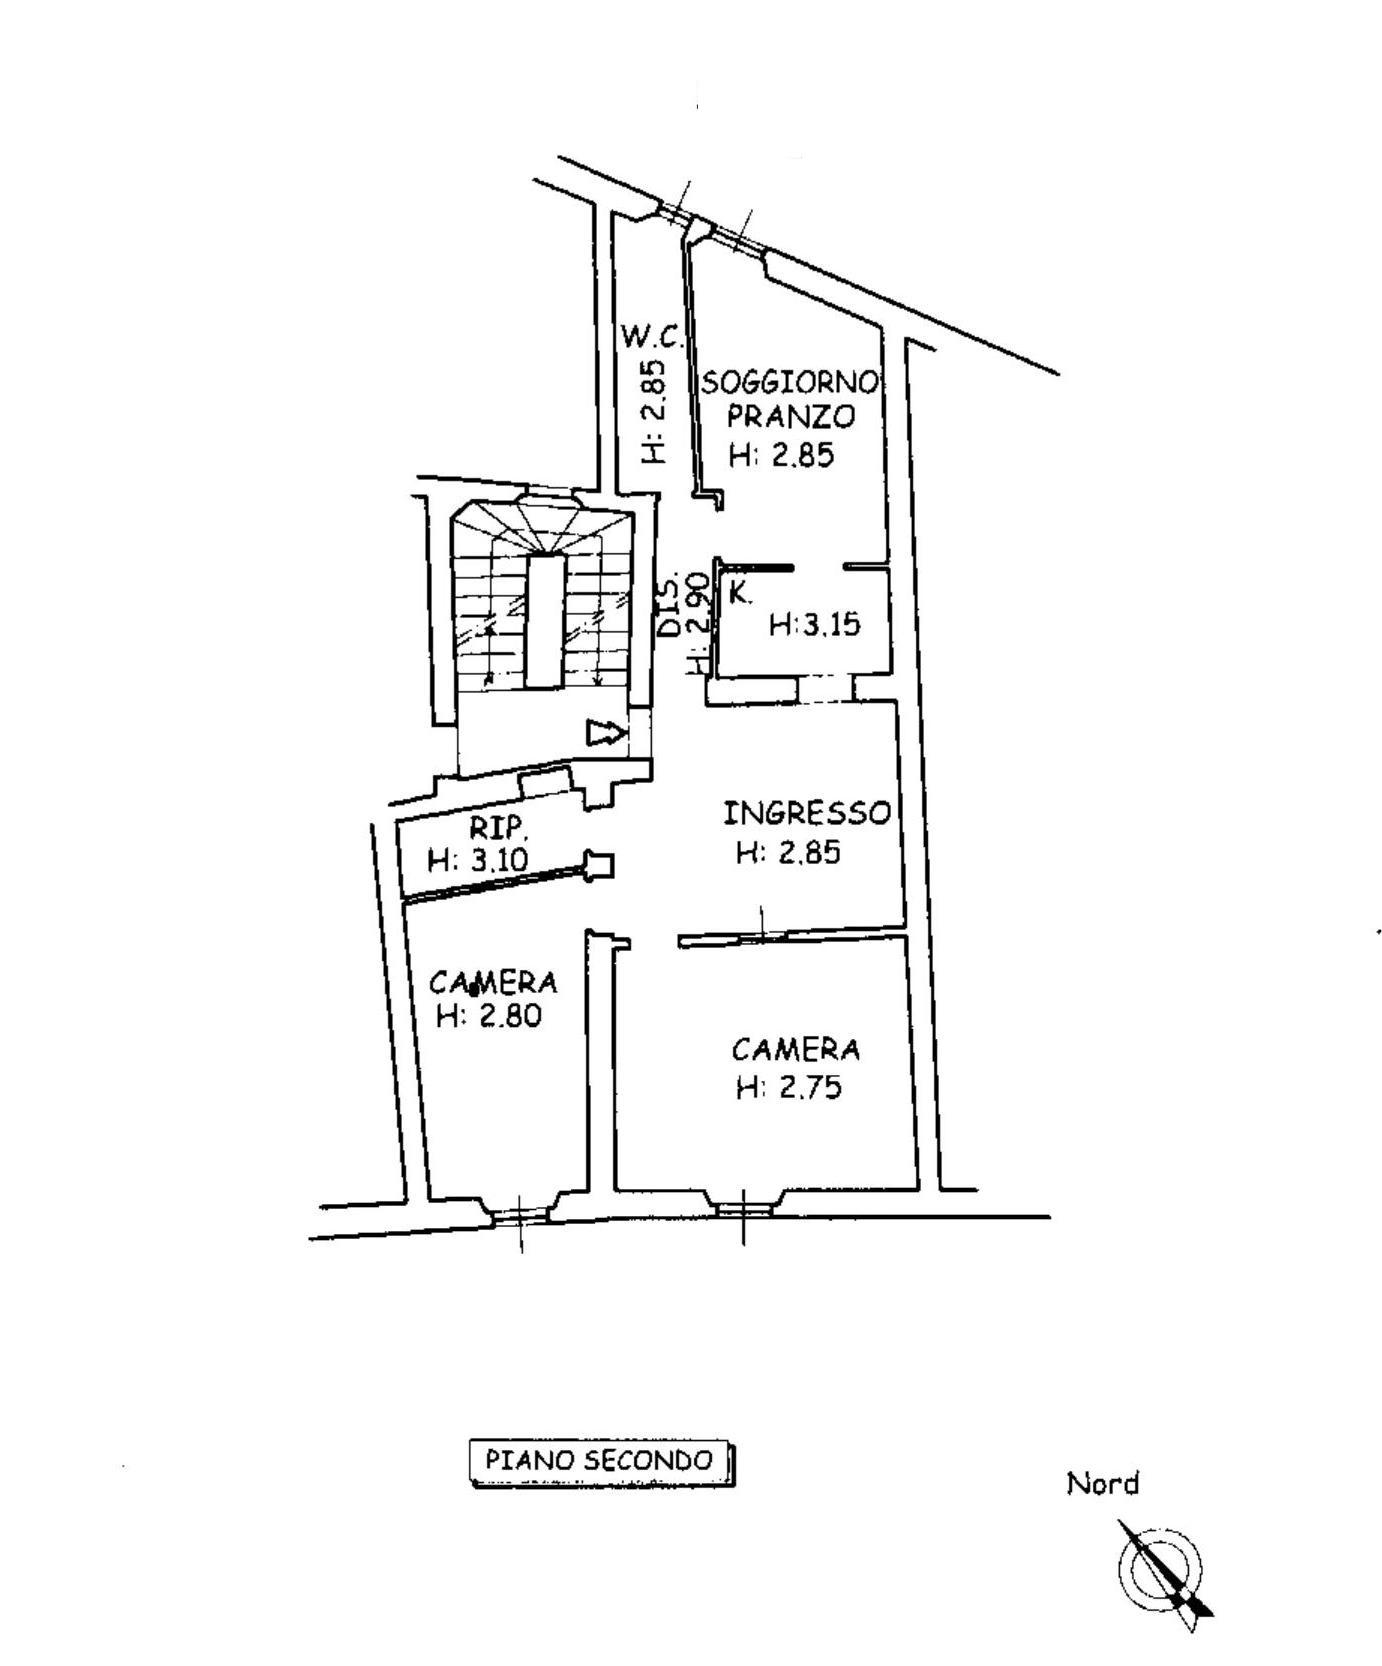 Appartamento in vendita, rif. 639 (Planimetria 1/1)